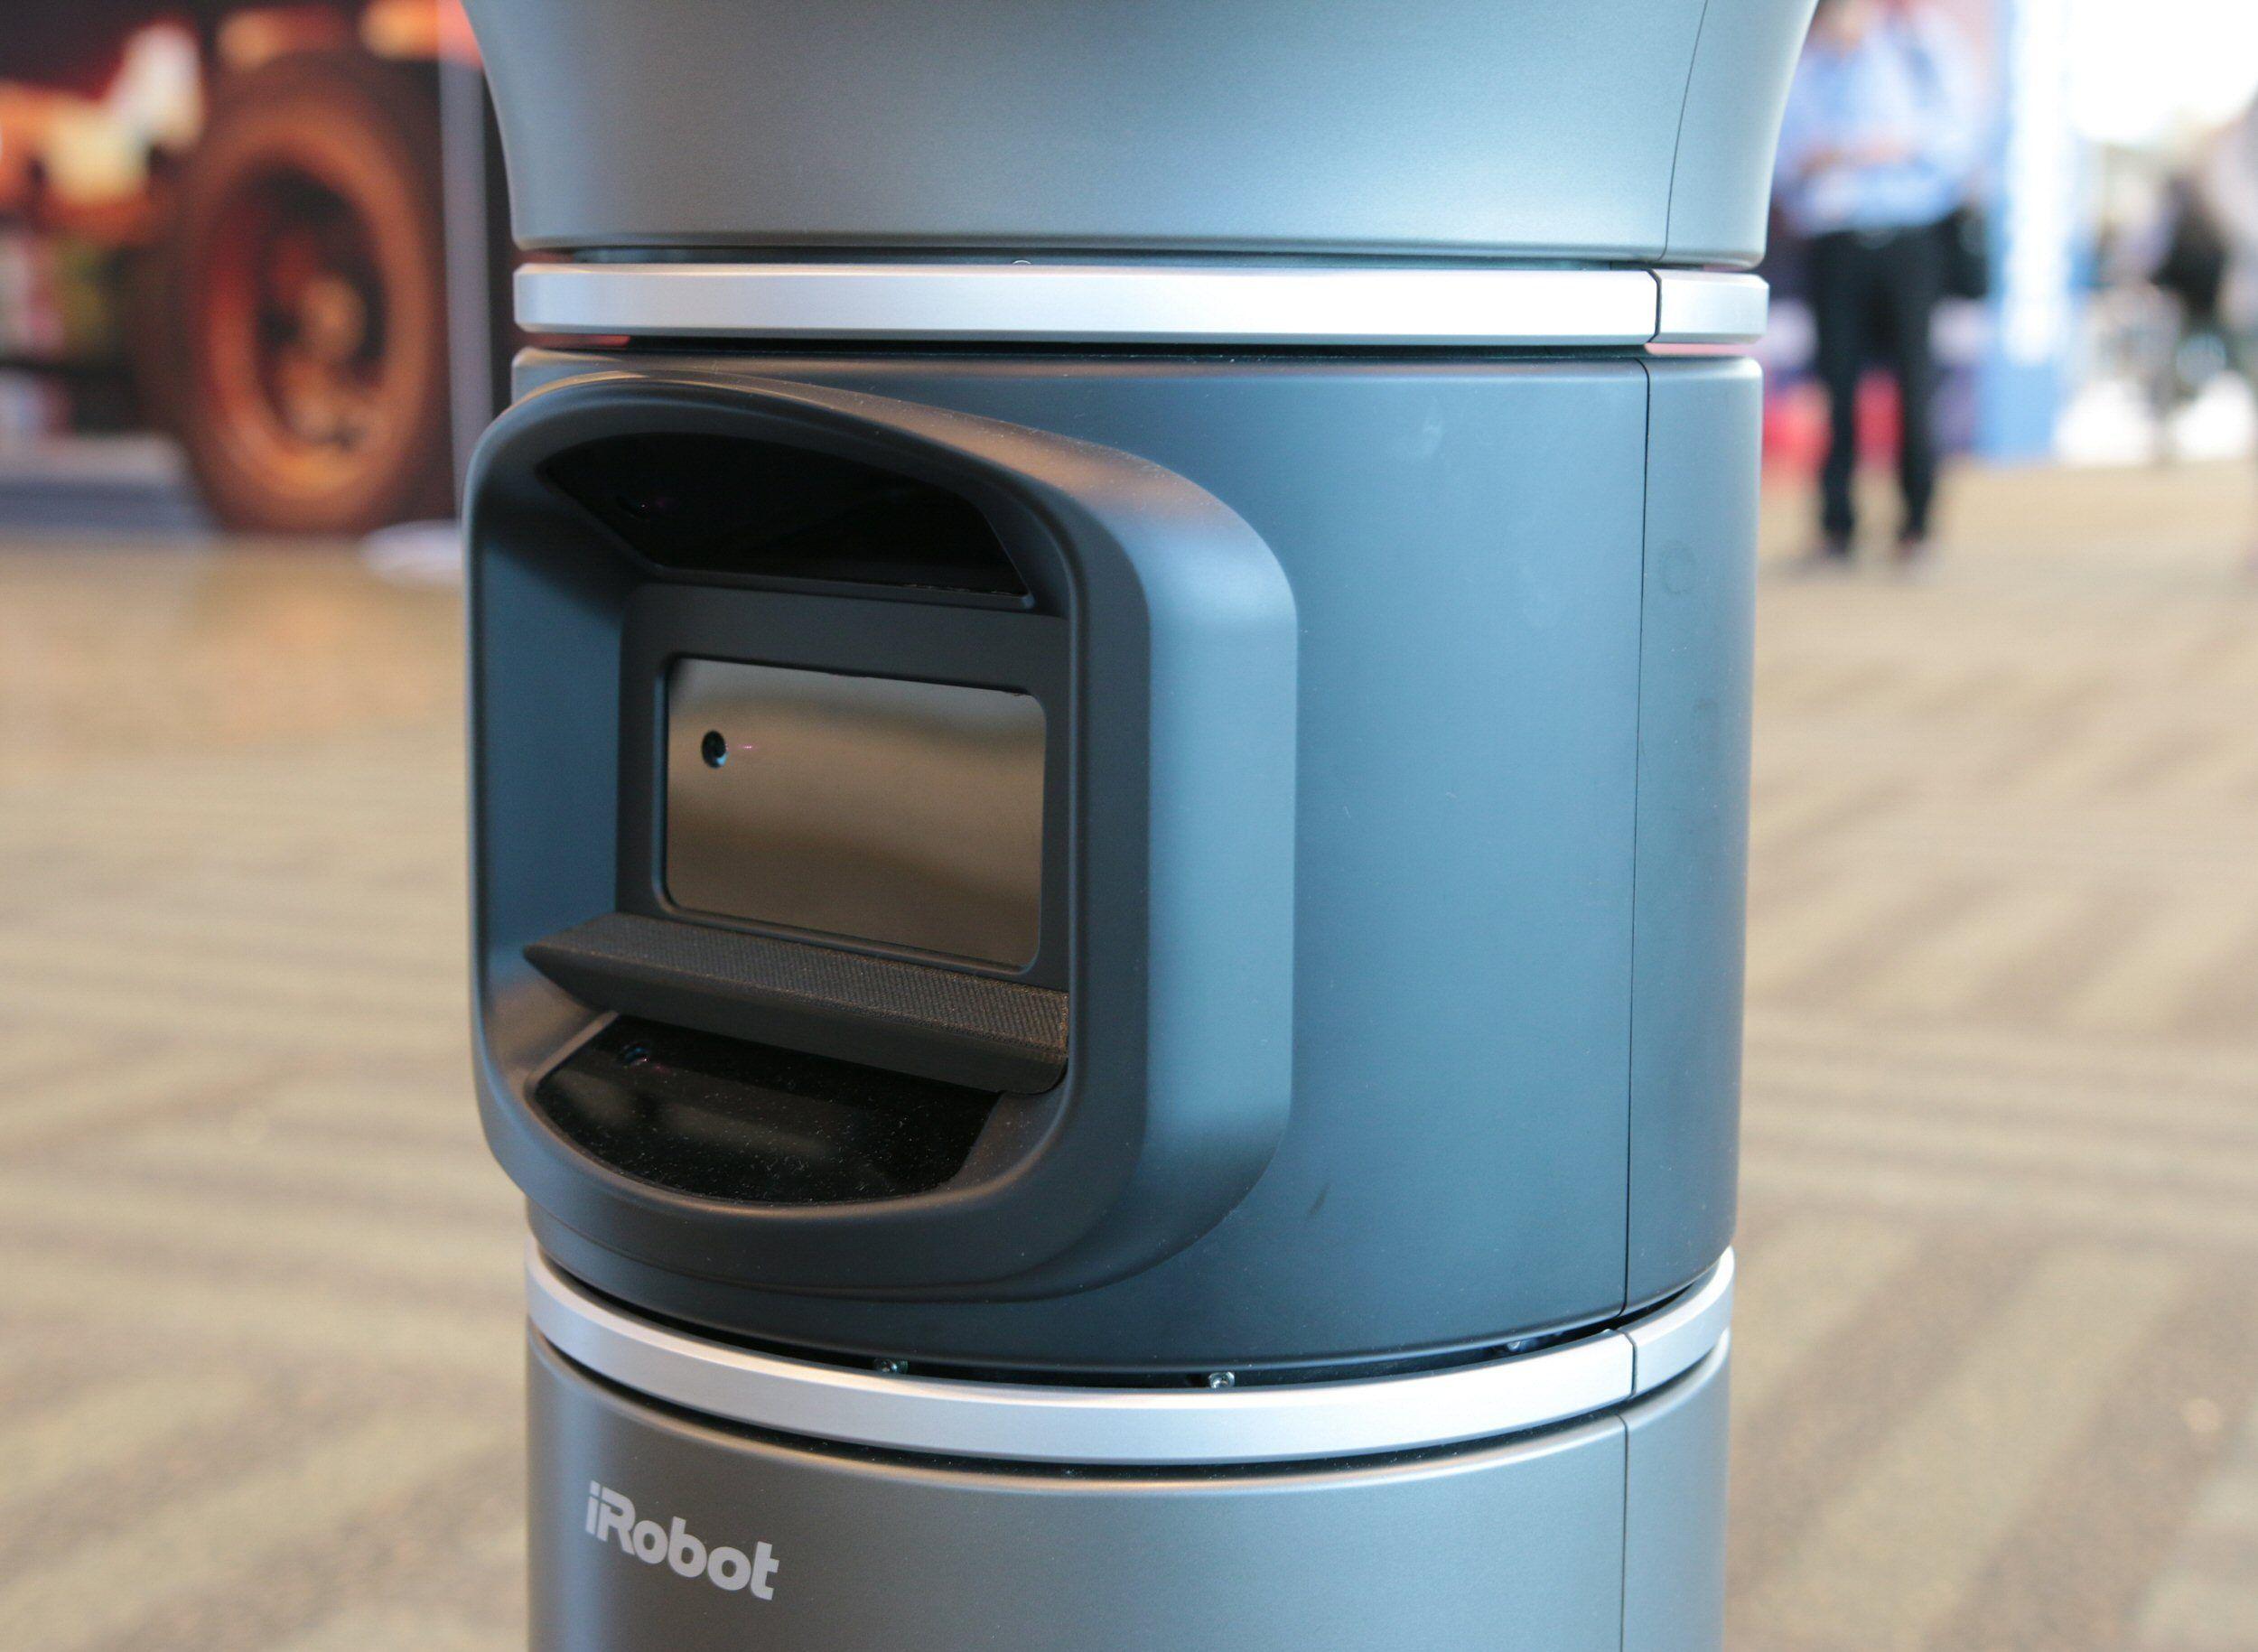 Å utstyre robotene med flere kameraer er en god idé, men forstår den egentlig hva den «ser»? Foto: Vegar Jansen, Tek.no